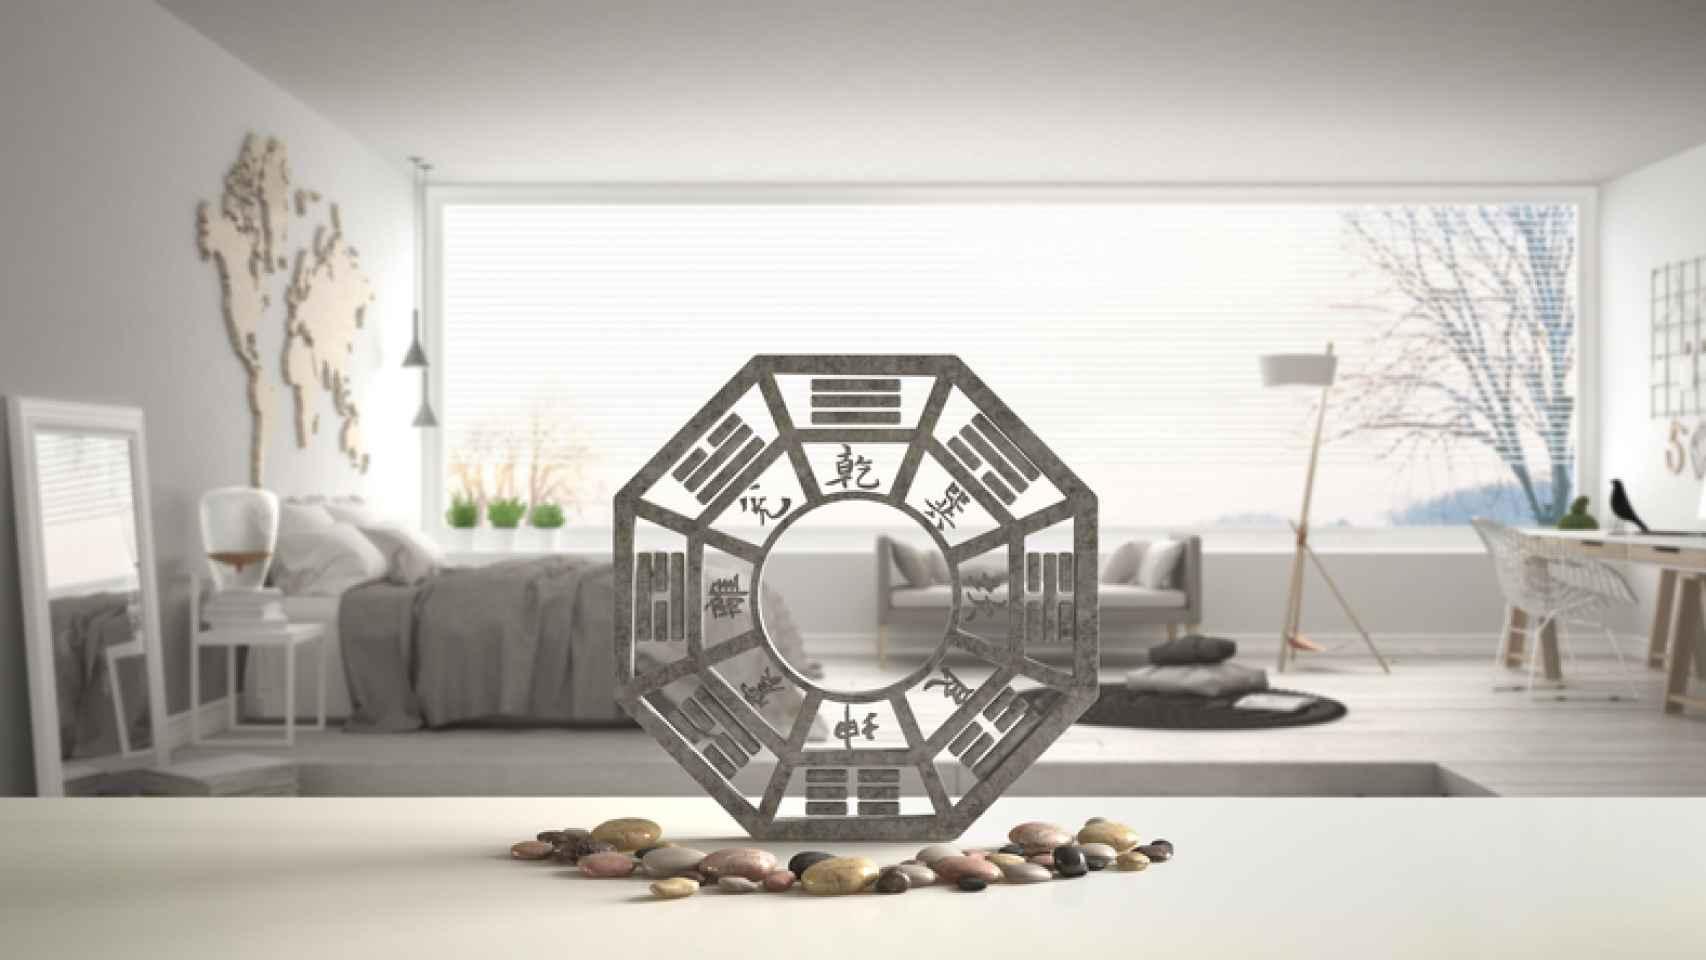 Cómo colocar la cama según el Feng Shui